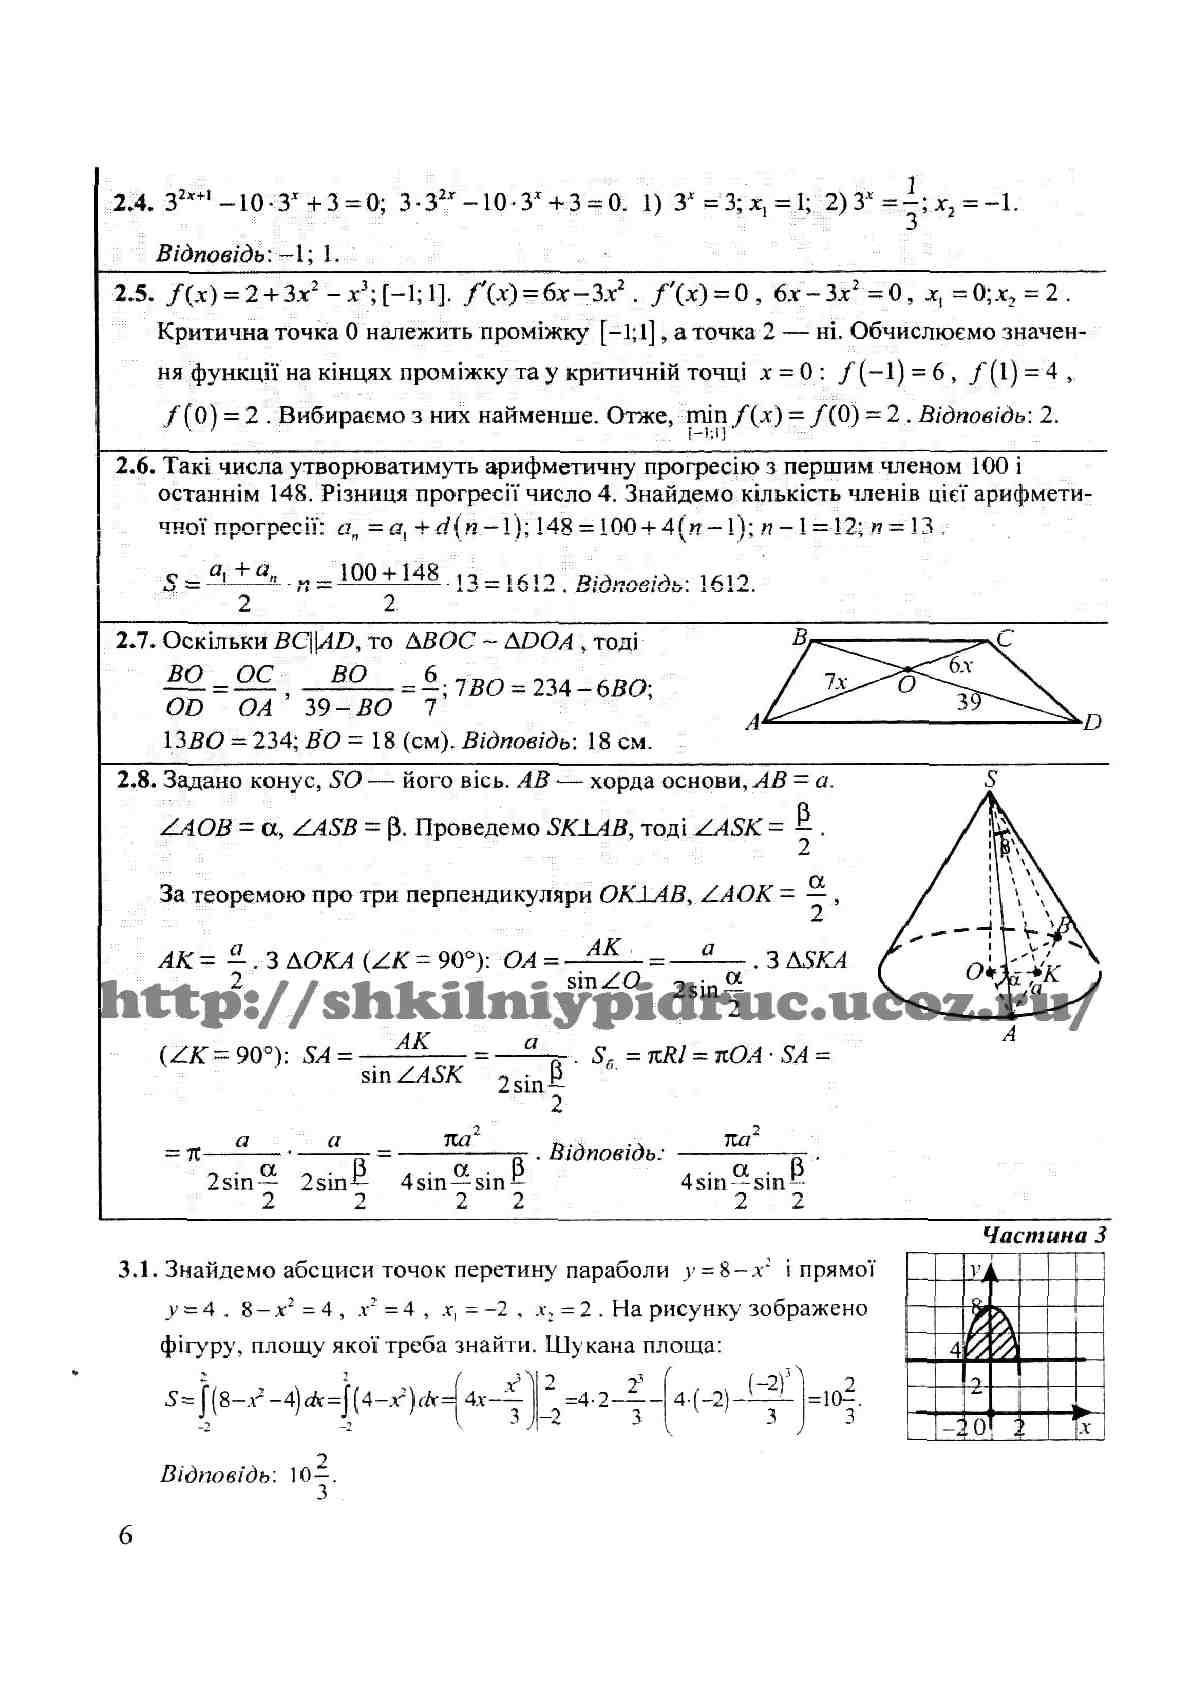 скачать решебник дпа 9 класс математика 2015